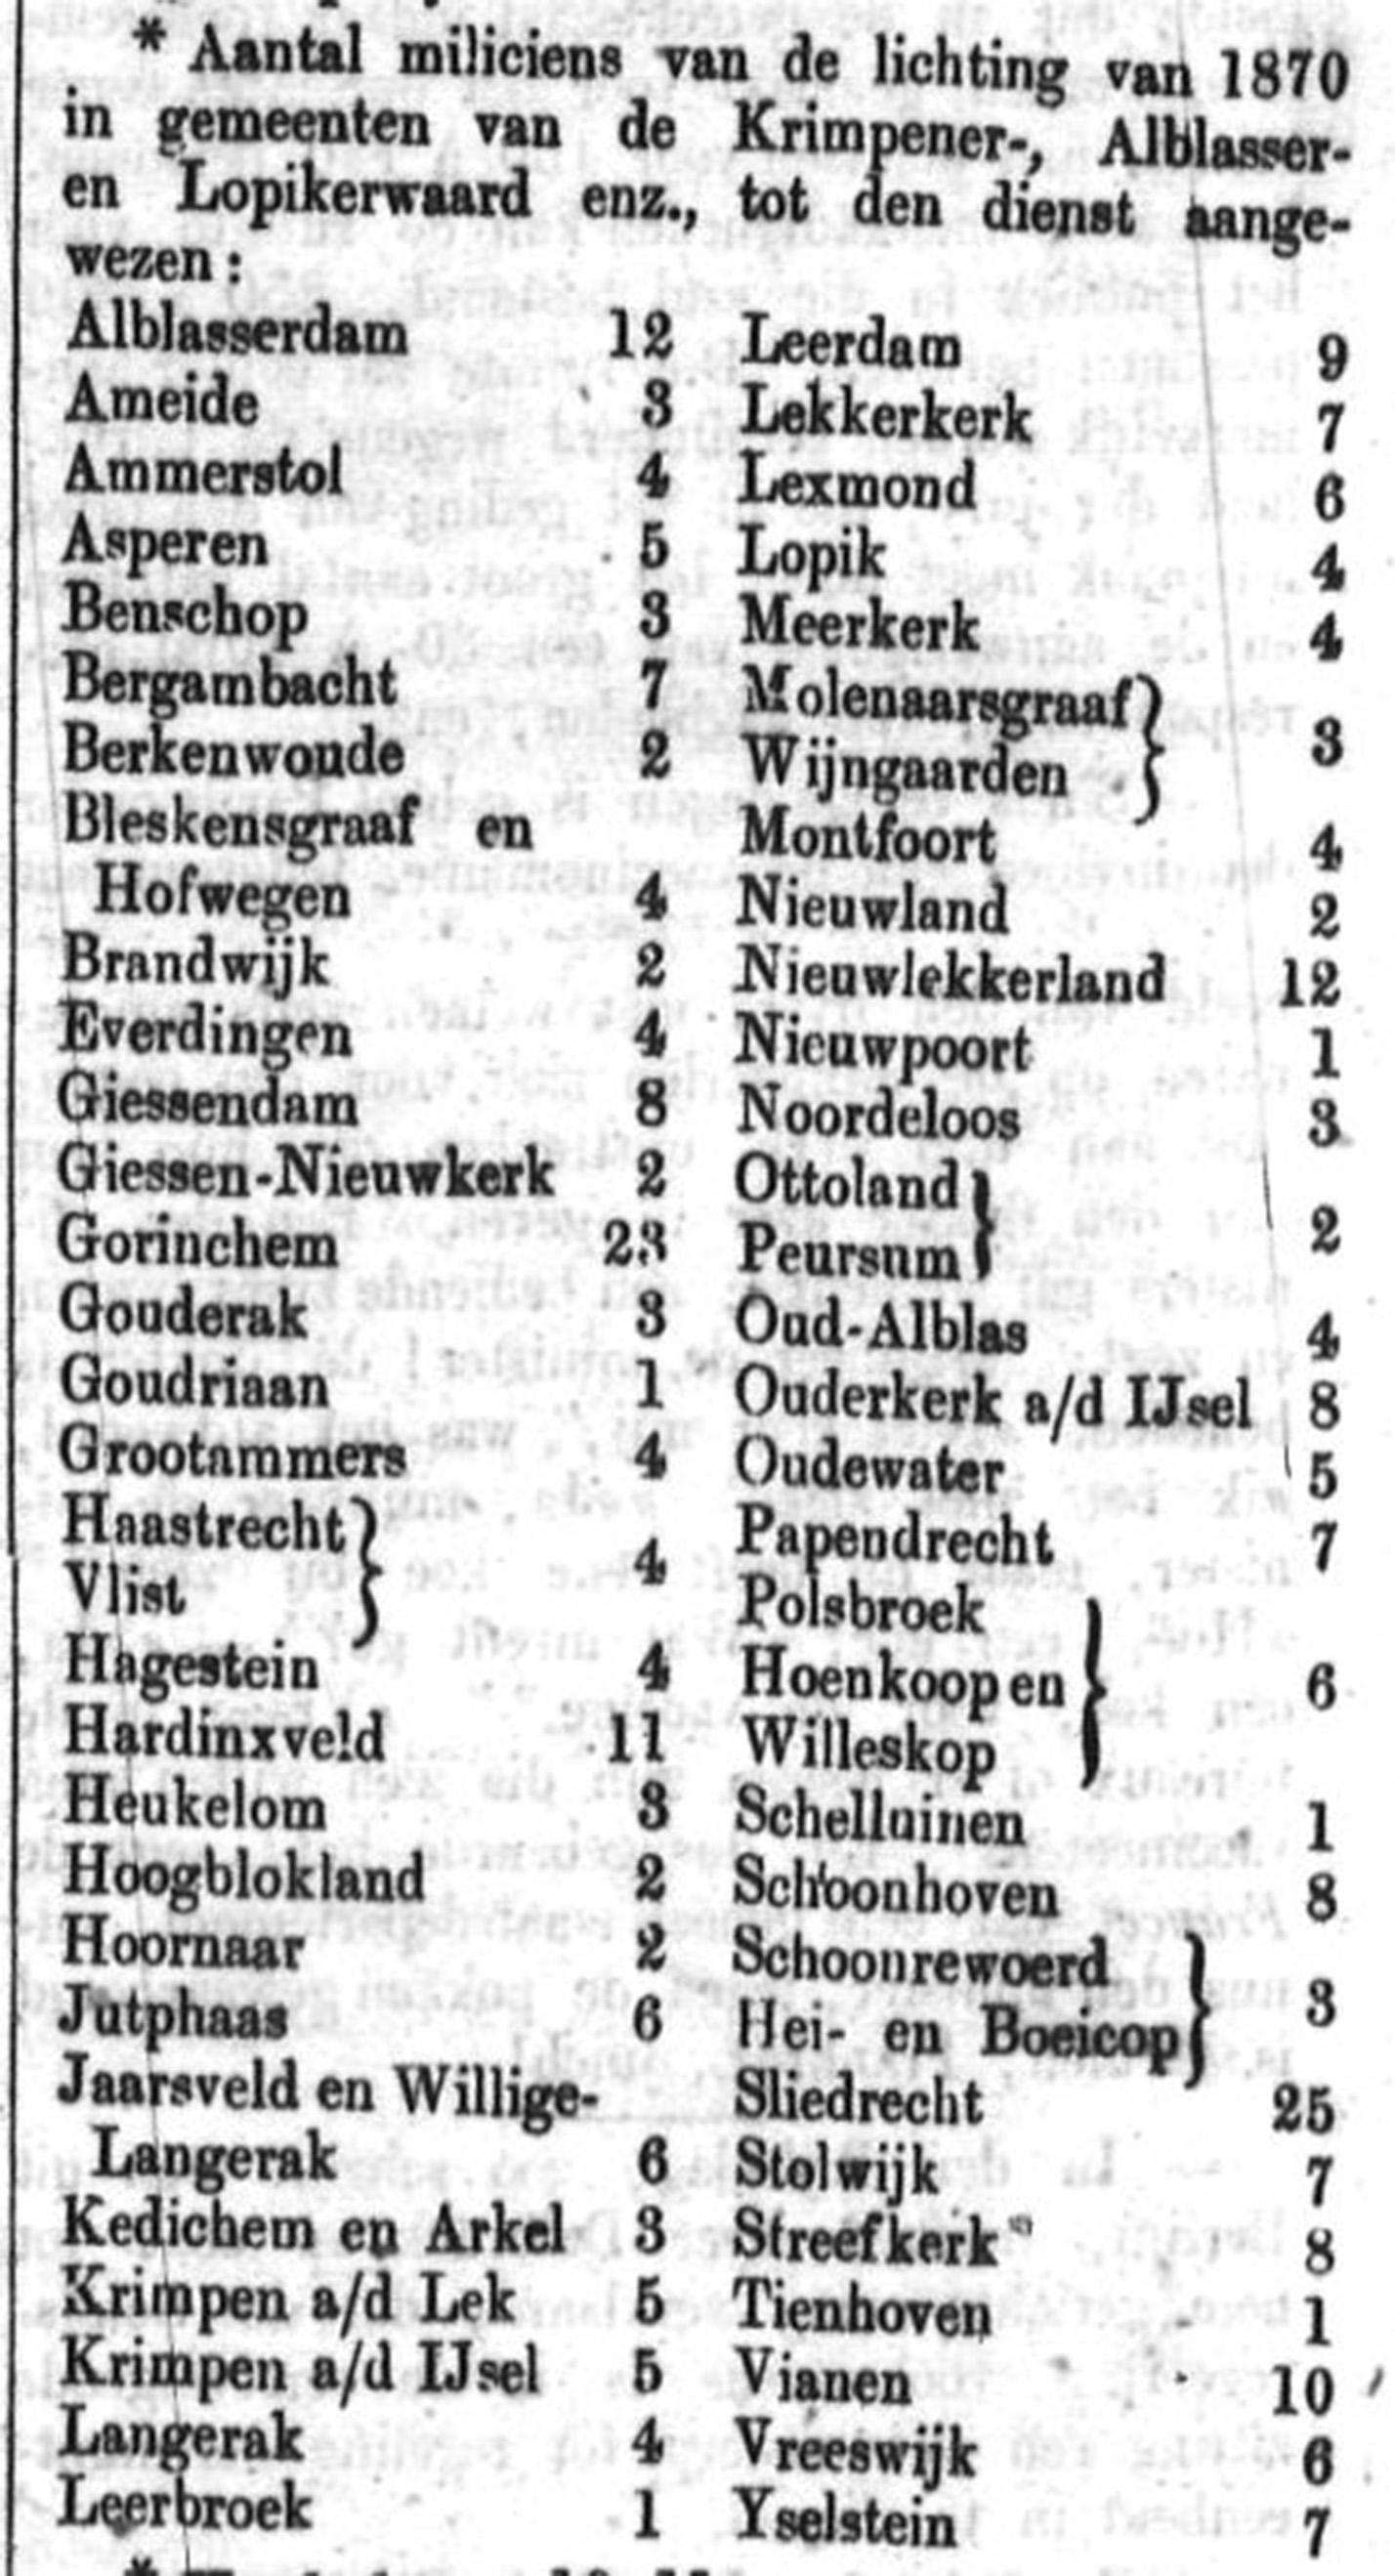 Schoonhovensche Courant 00037 1870-03-13 artikel 1